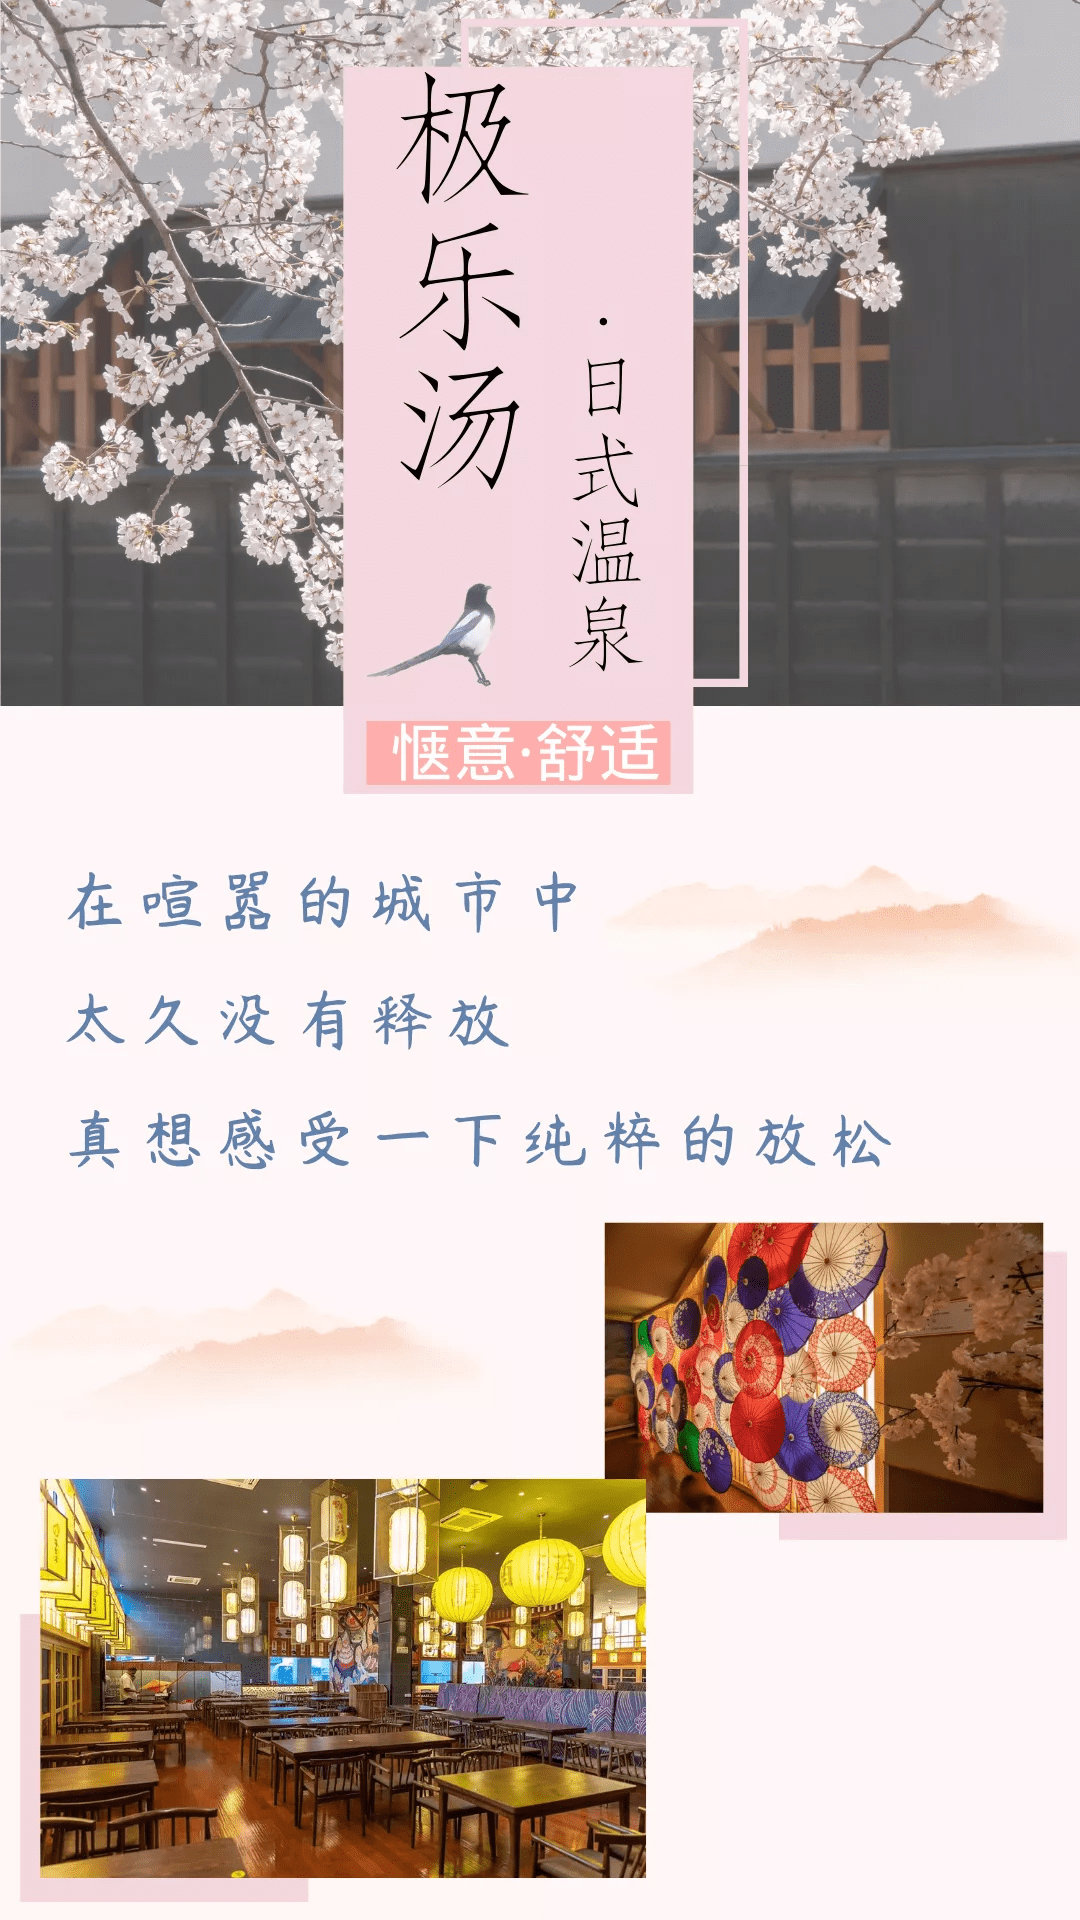 【极乐汤】川沙49元/88元购单/双人浴资门票,有效期到5月底!